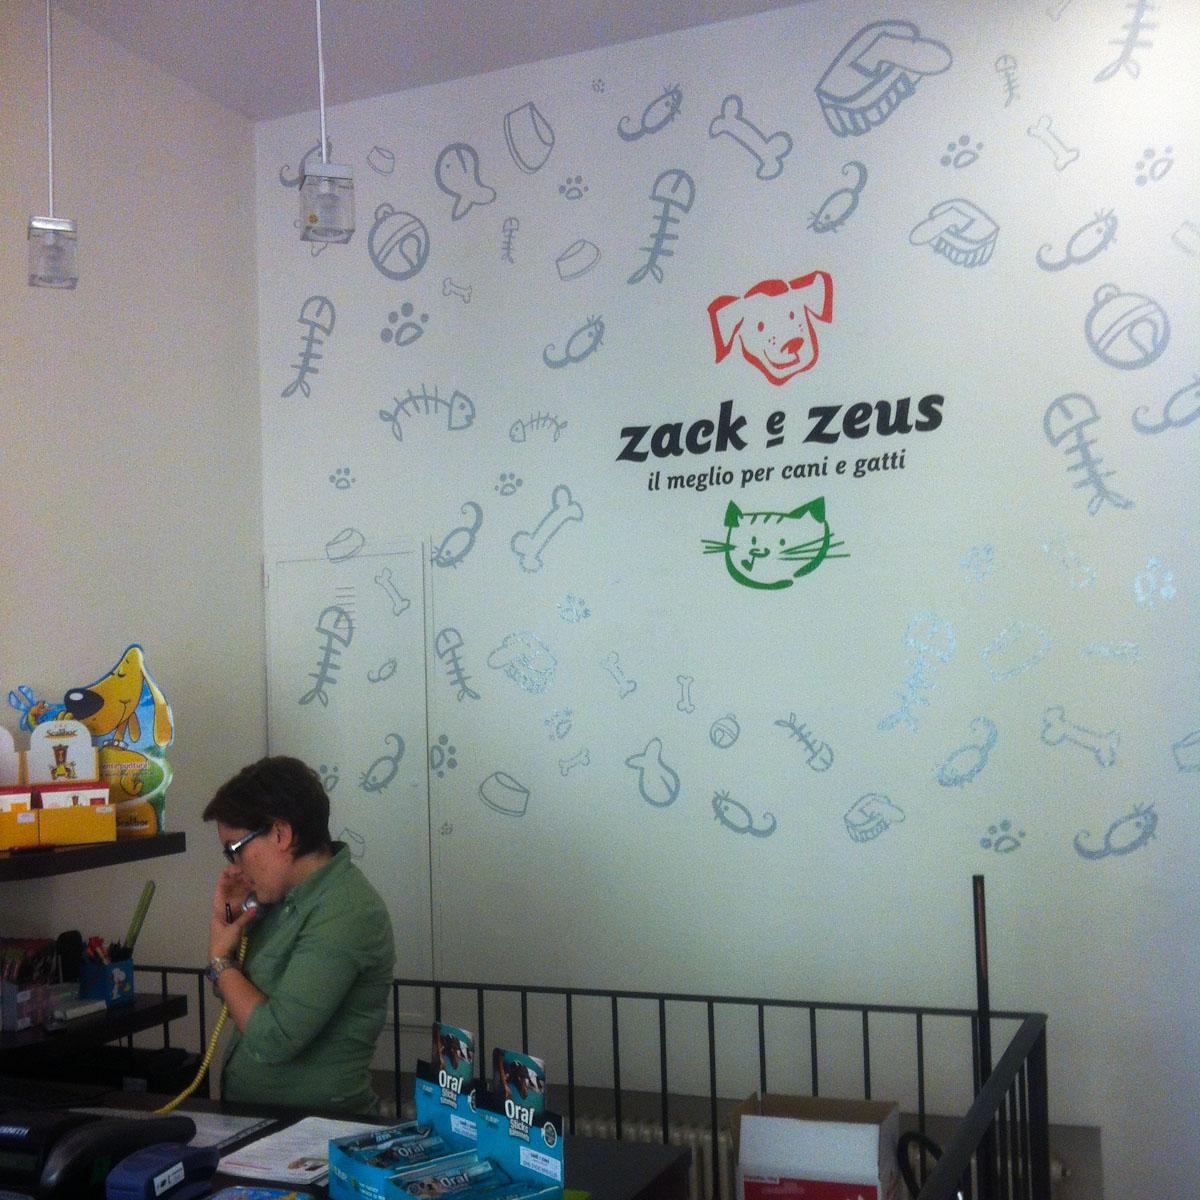 Zack e Zeus